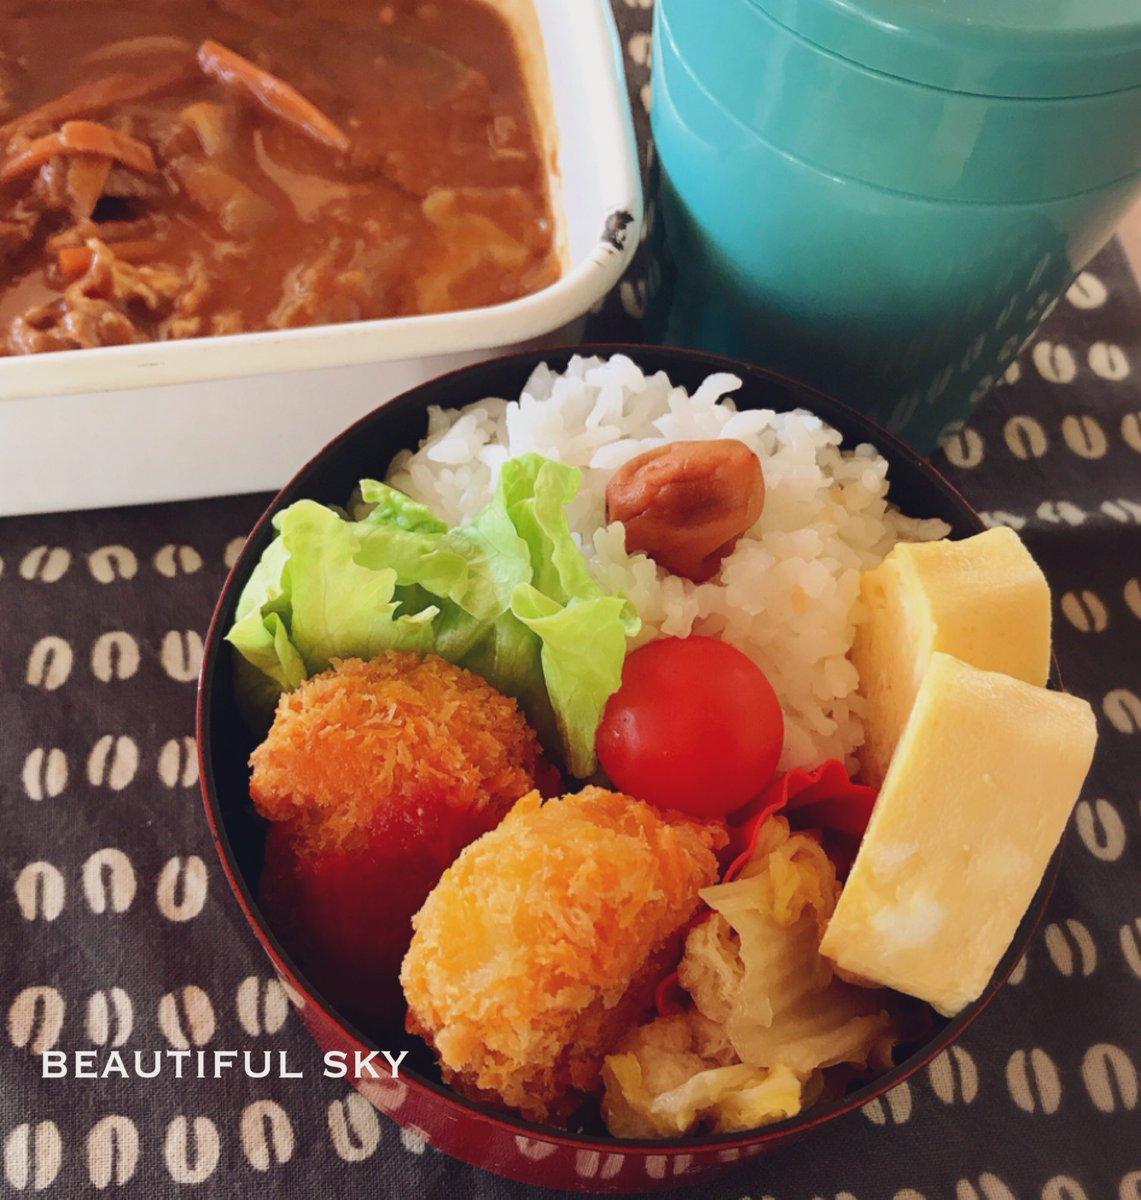 おはよう  残り野菜で作ったハヤシライス 海老カツ 卵焼き 白菜の煮浸し  炊飯器の土鍋釜が割れて  内釜だけを買うと24000円する。 しばらく土鍋で米を炊くことにした。 面倒 だが 美味しい  #保温弁当  #お弁当記録pic.twitter.com/qLya4eJjJd